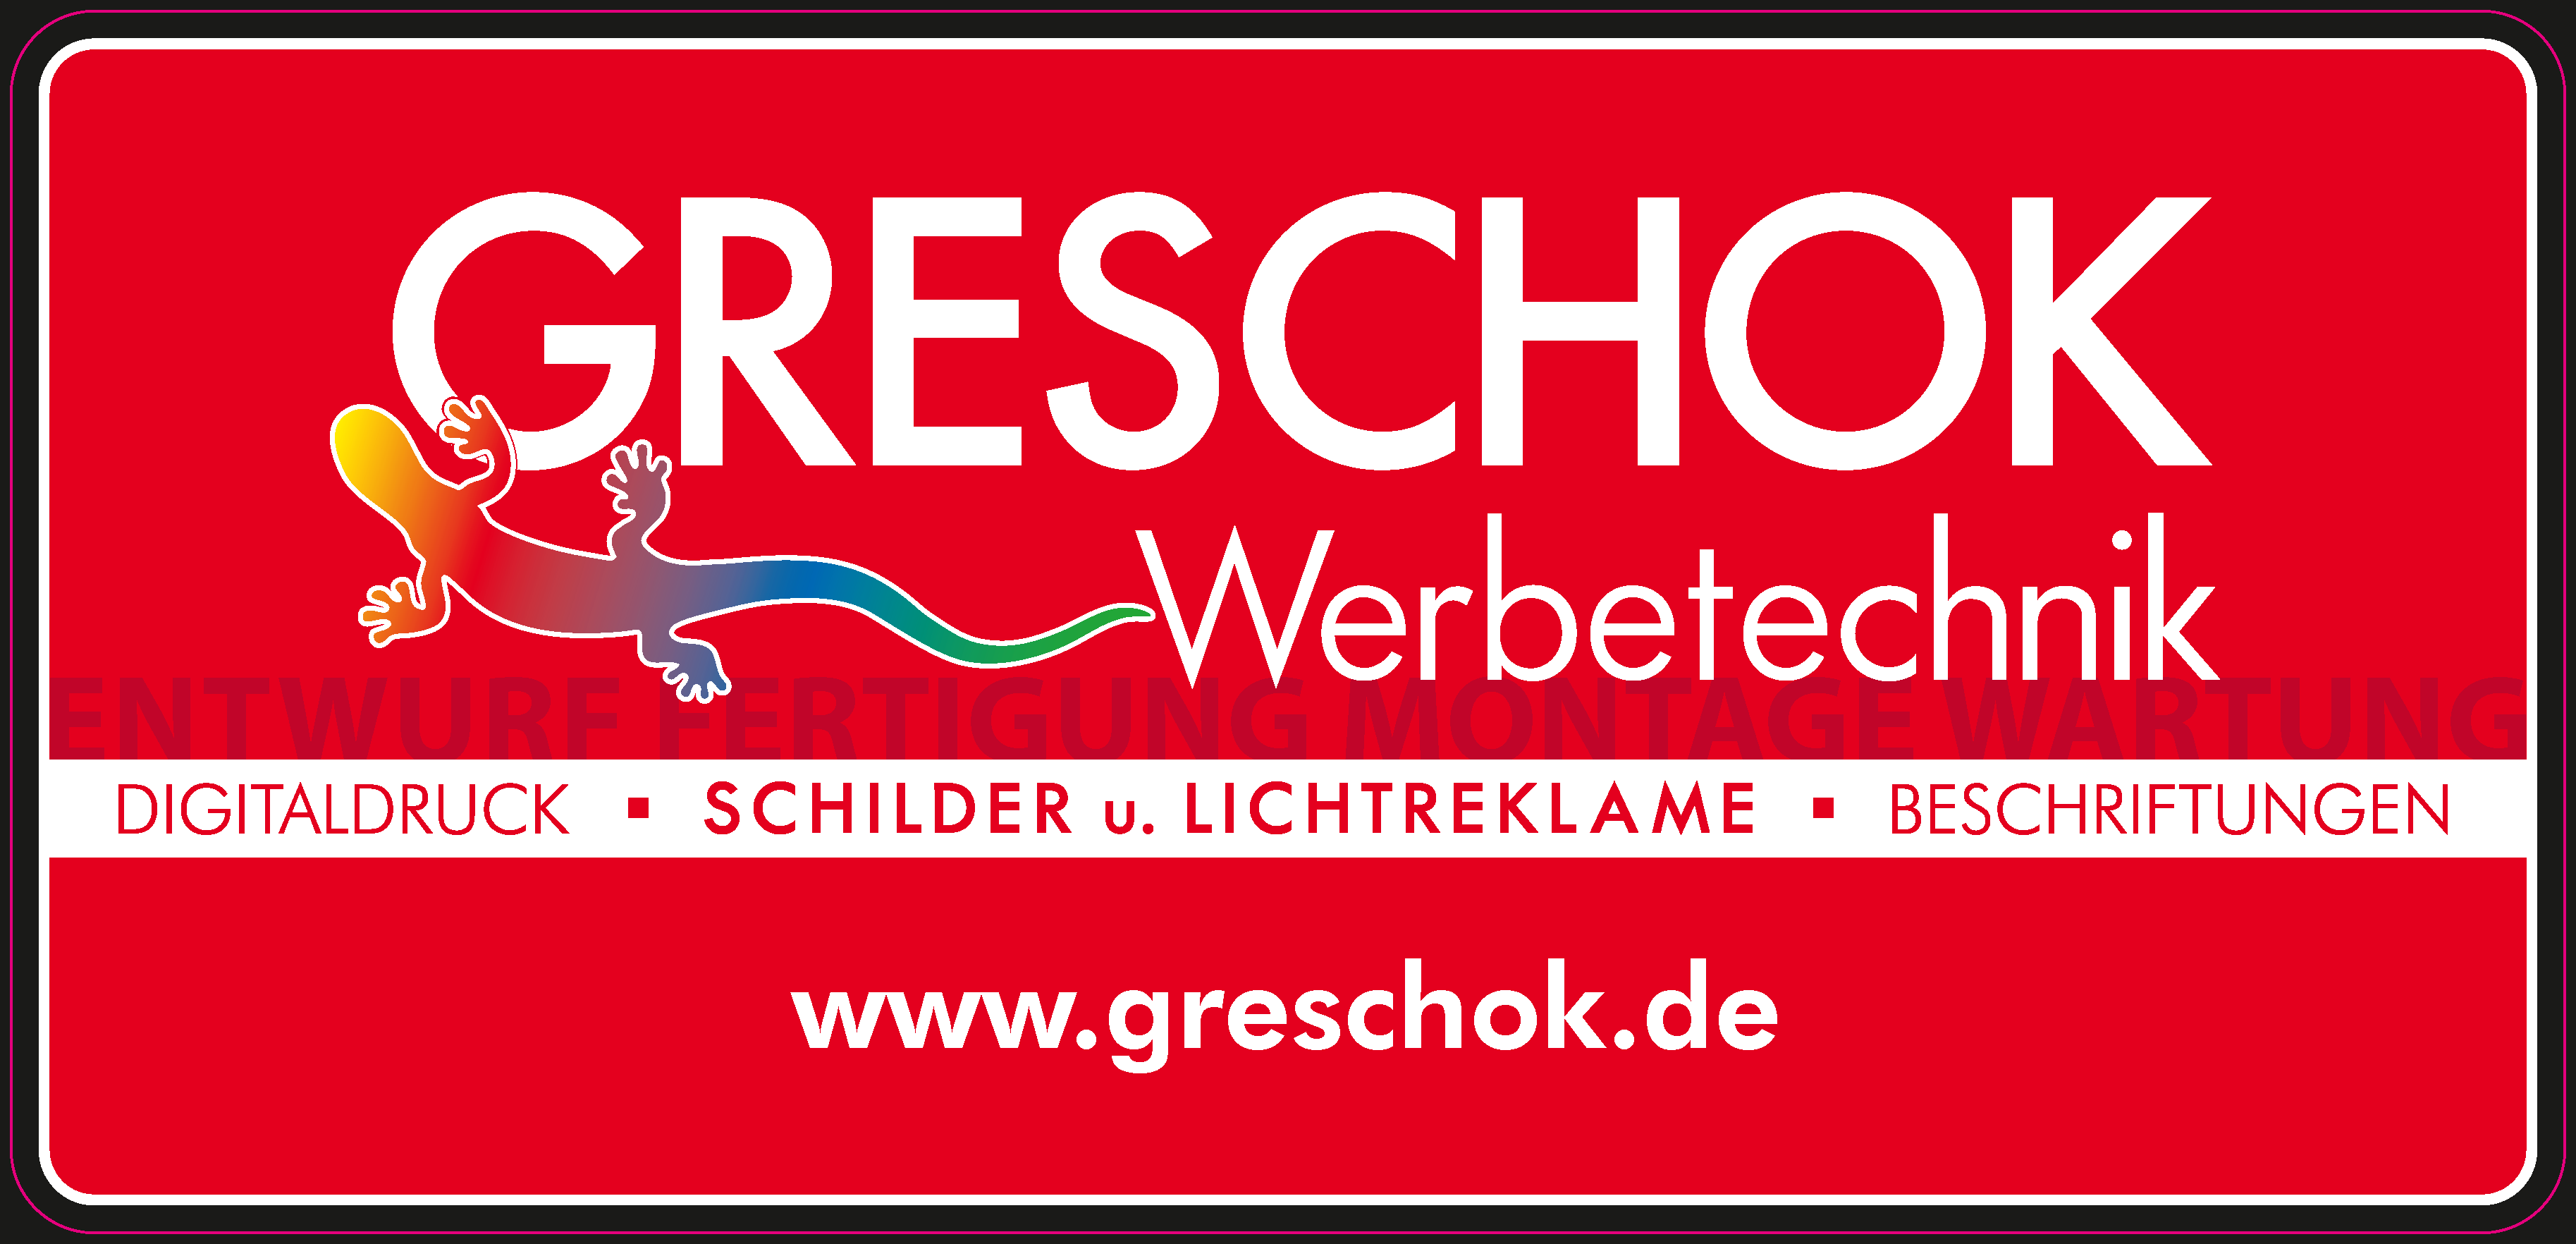 GRESCHOK Werbetechnik 1